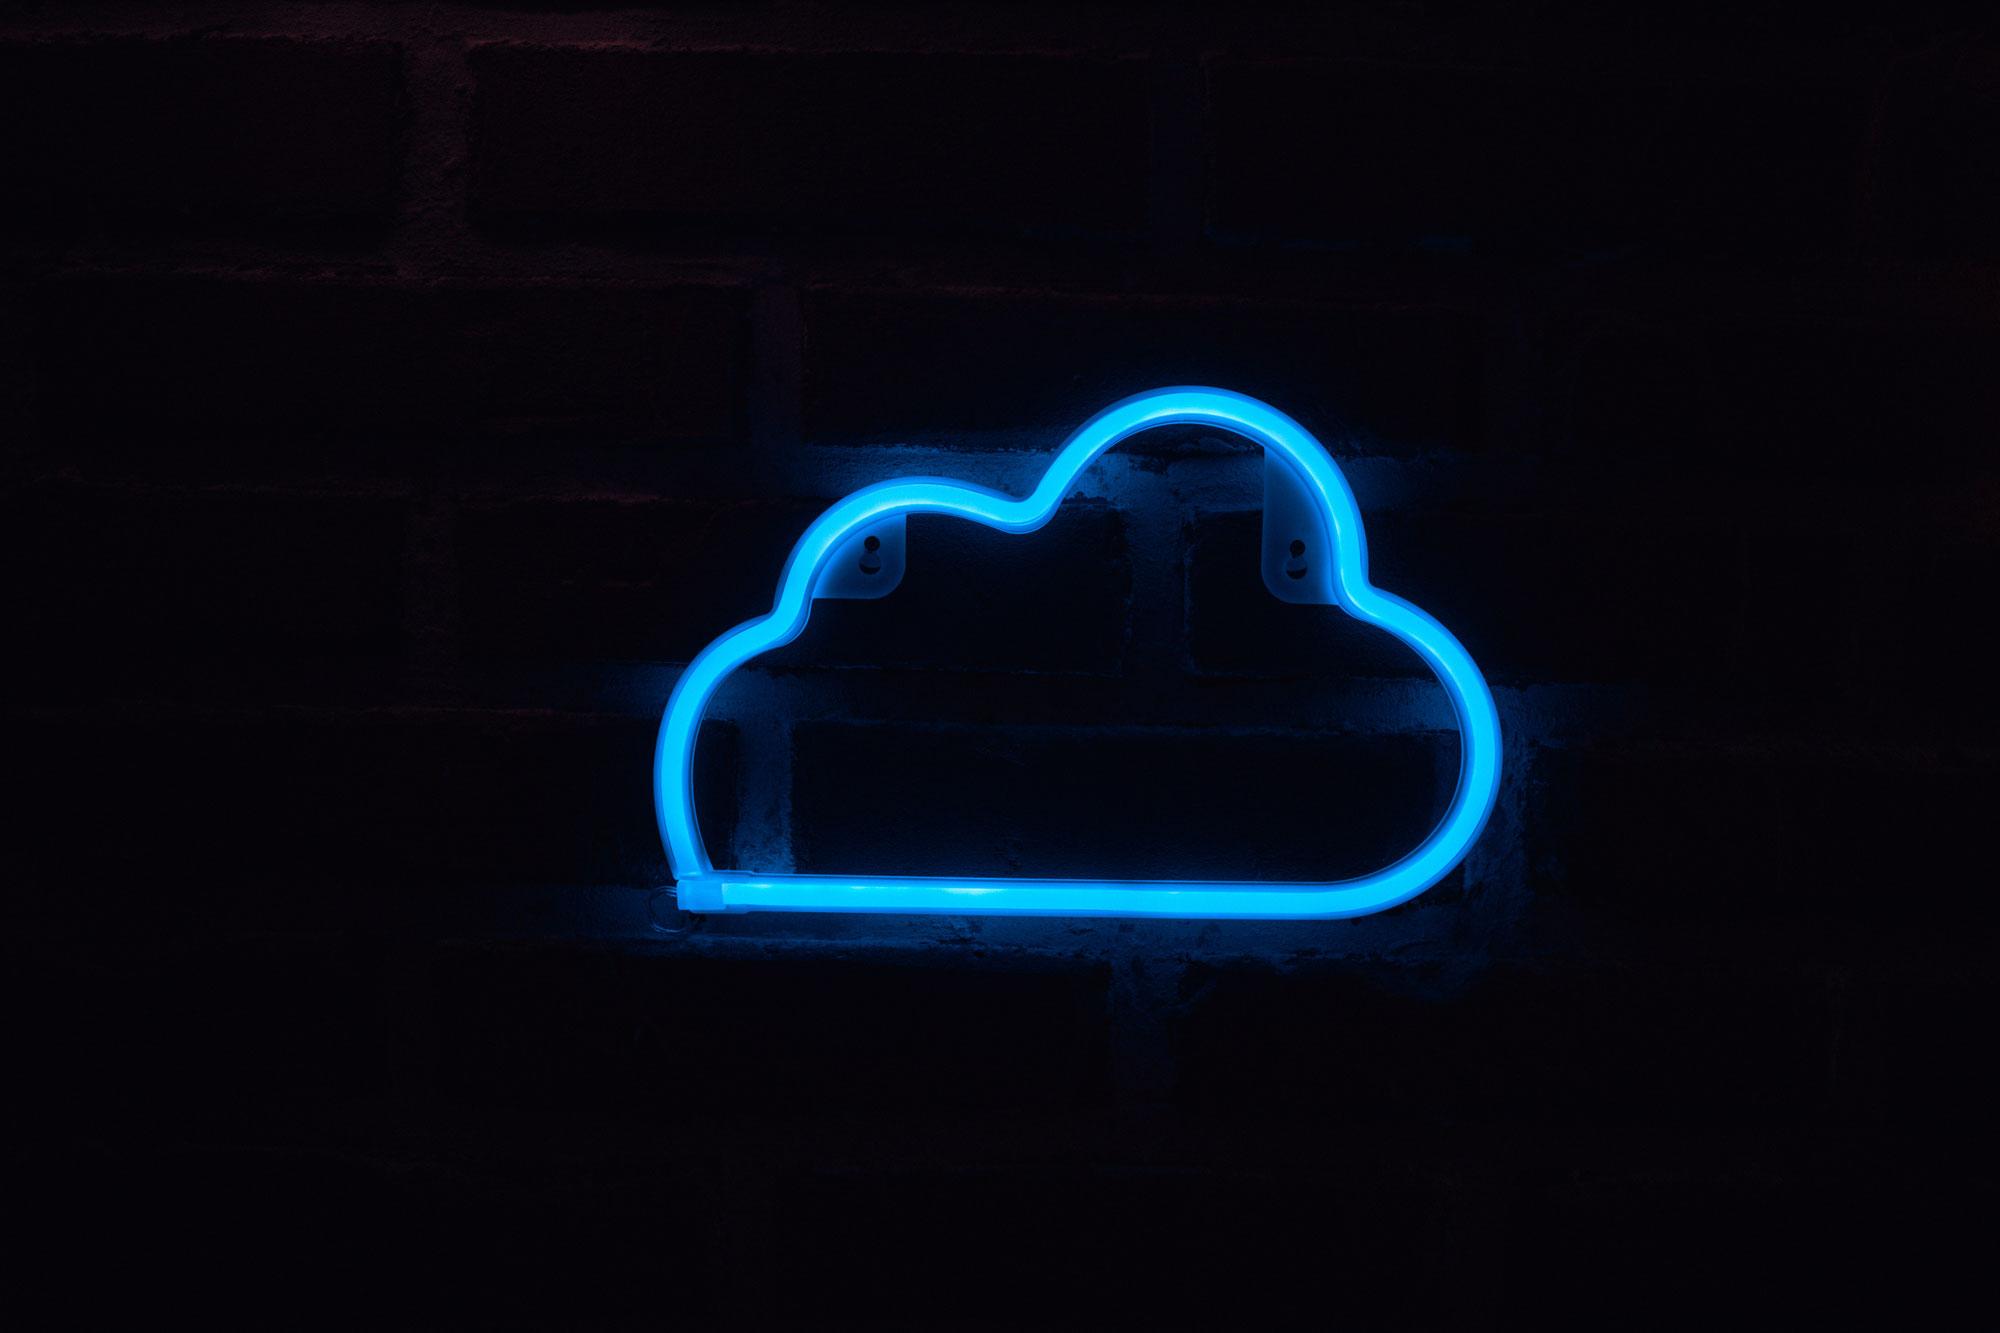 ENISA - Clouddienste für Gesundheitsdaten